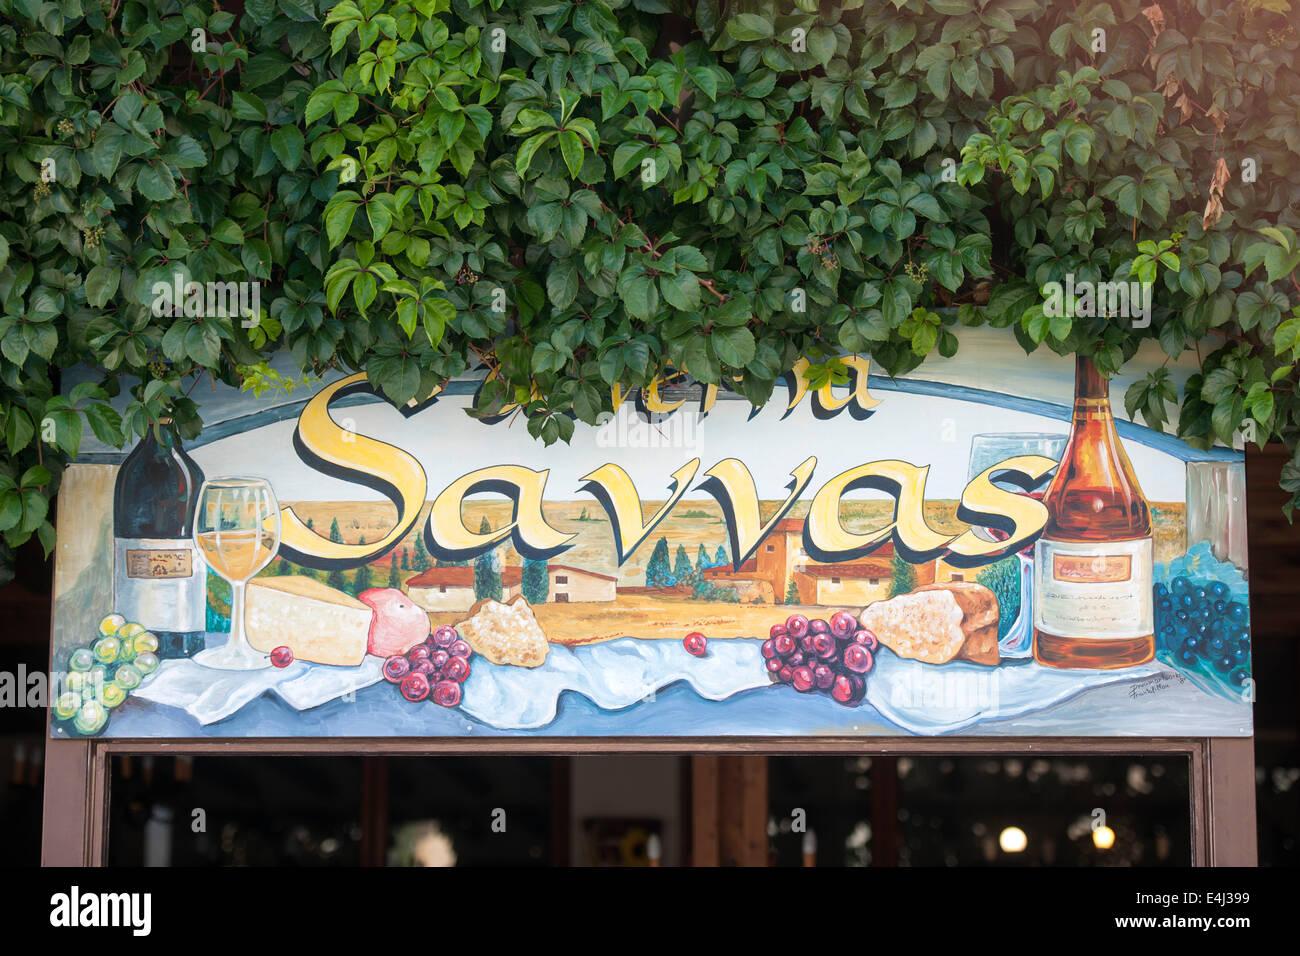 Griechenland, Rhodos, Embonas, Bergdorf am Fuße des 1215 Meter hohen Attaviros. Werbung füreine Taverne. - Stock Image